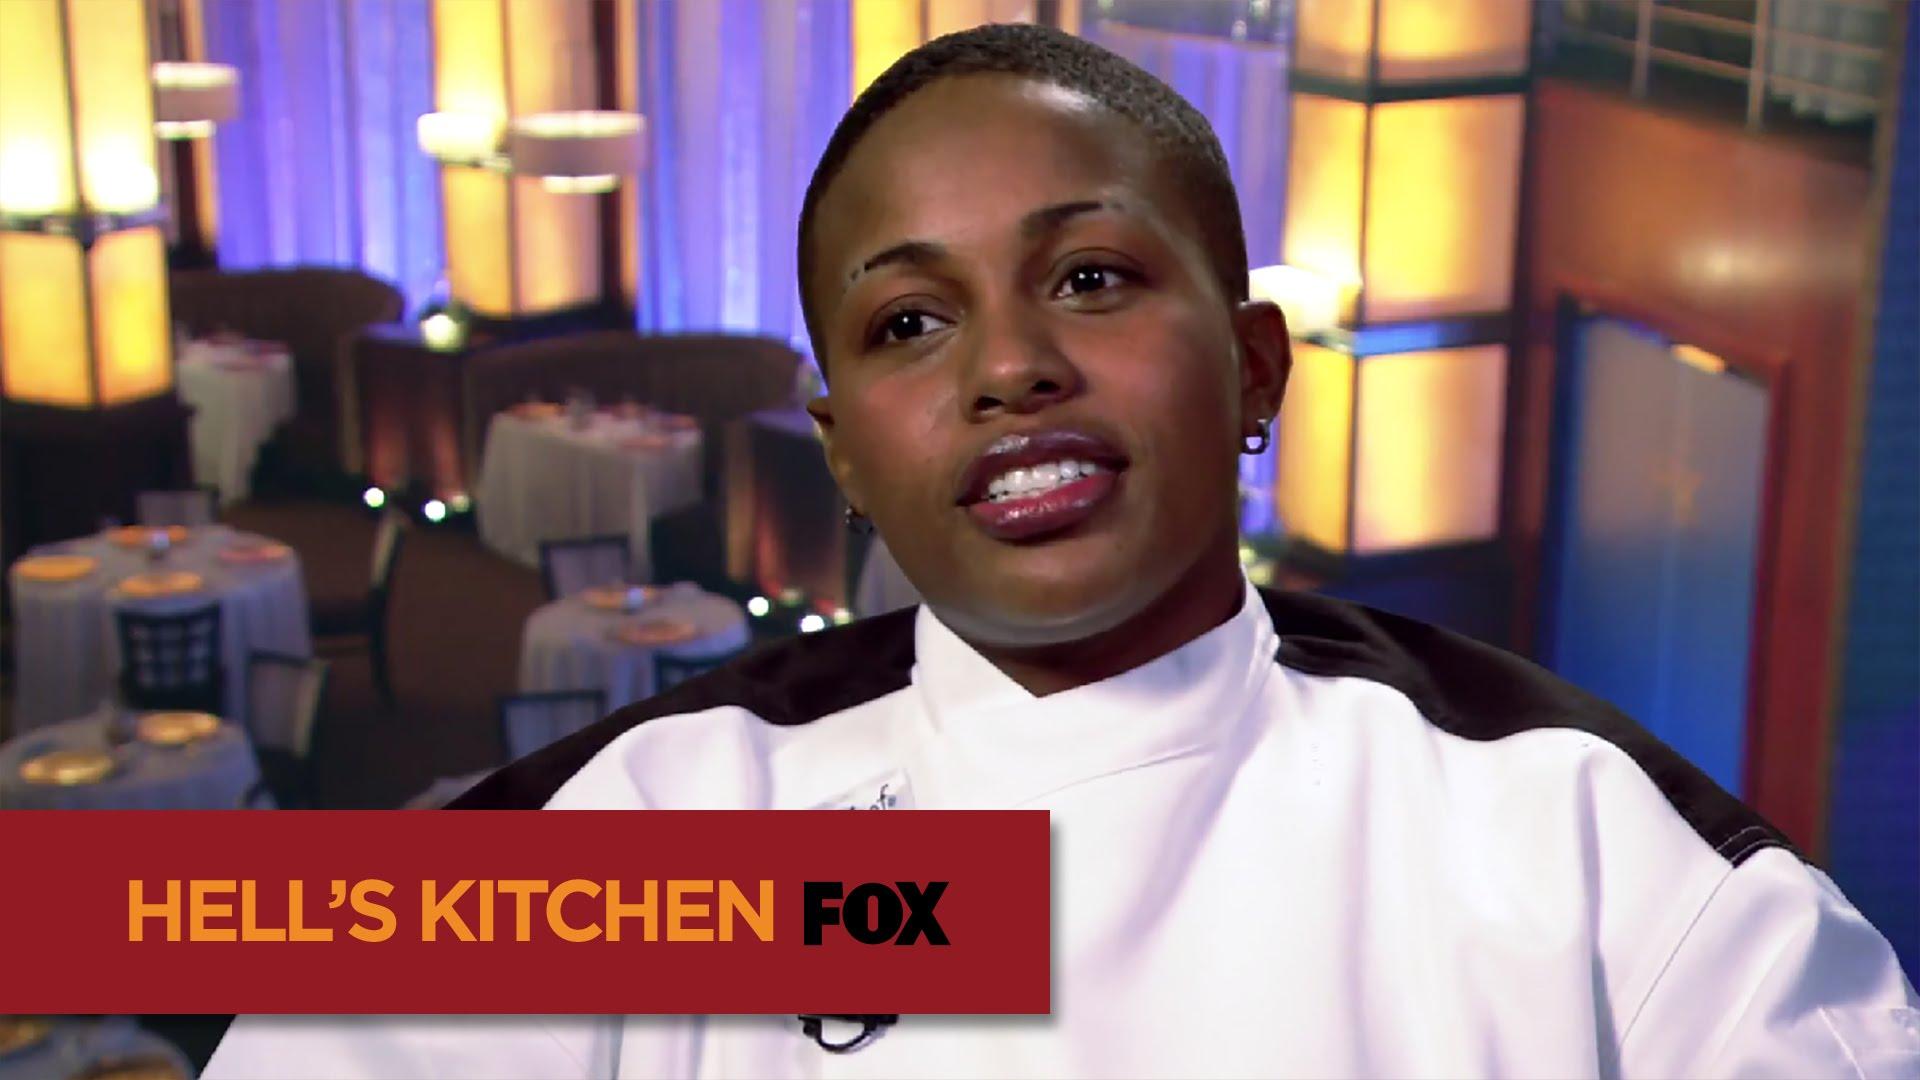 La Tasha Hell S Kitchen